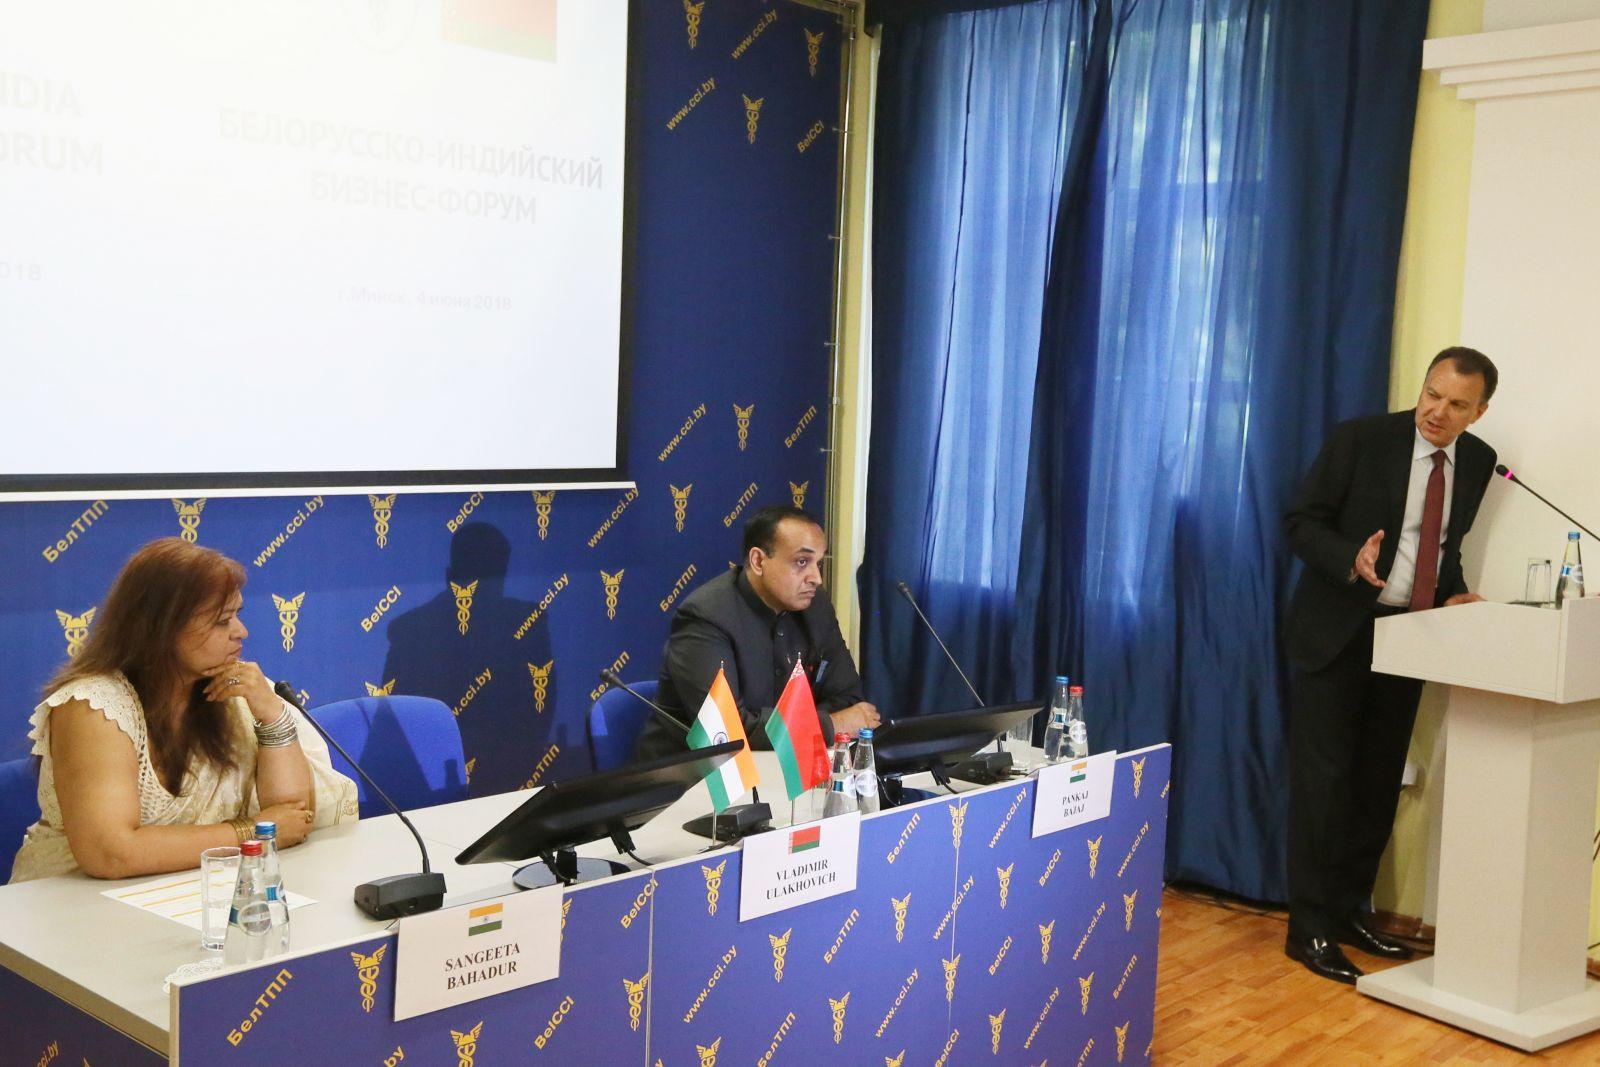 222621,08 Белорусско-индийский бизнес-форум прошел в Минске